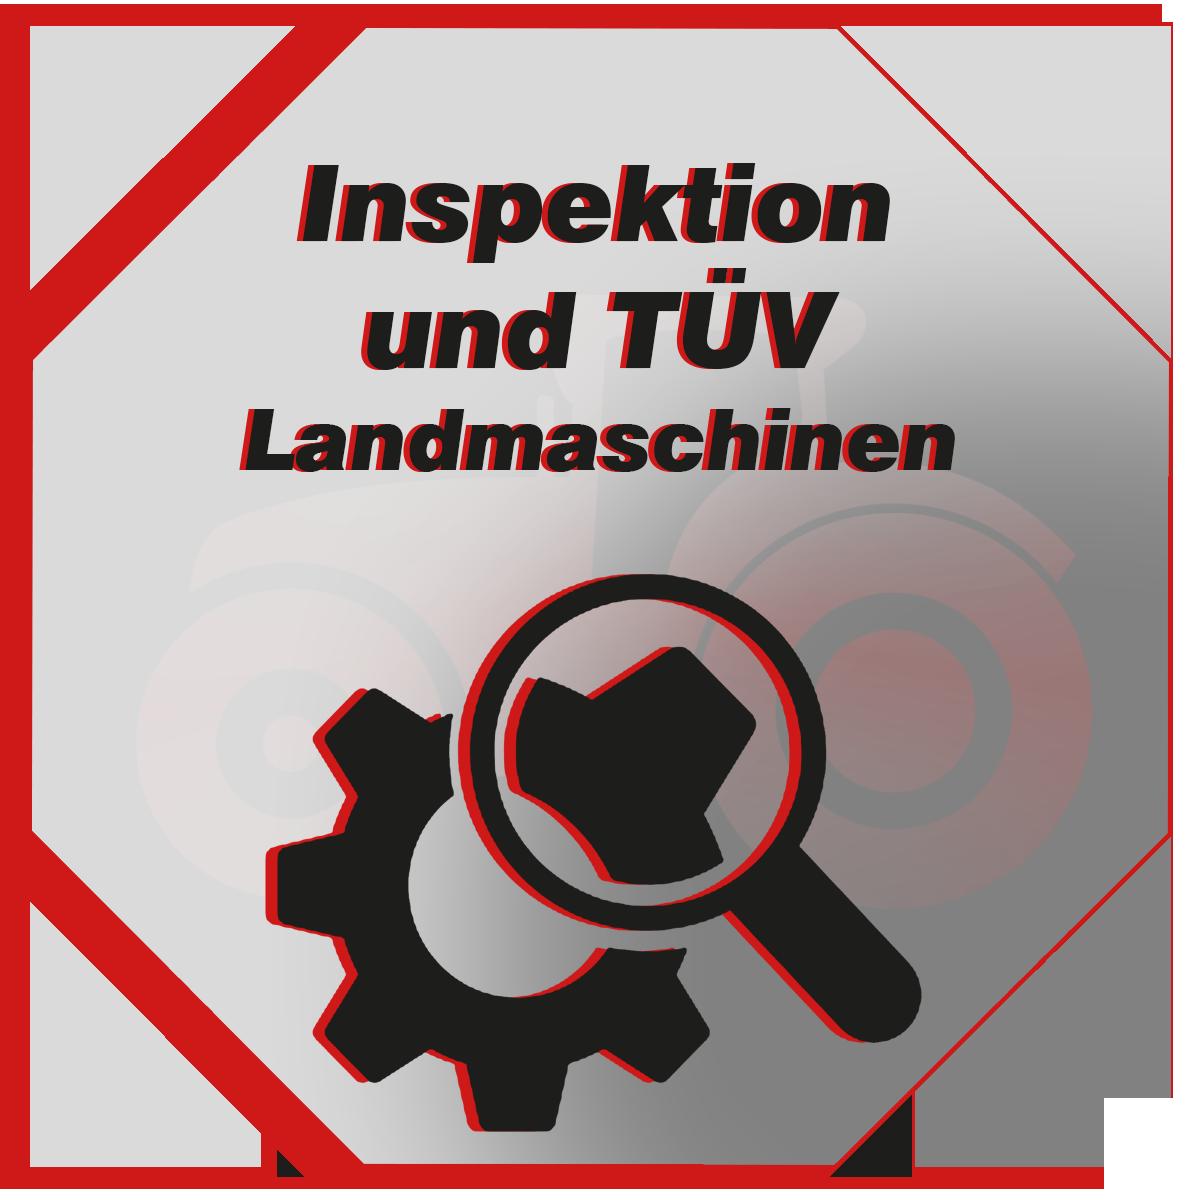 Inspektionsleitung und vorbereitung für den TÜV für Landmaschinen